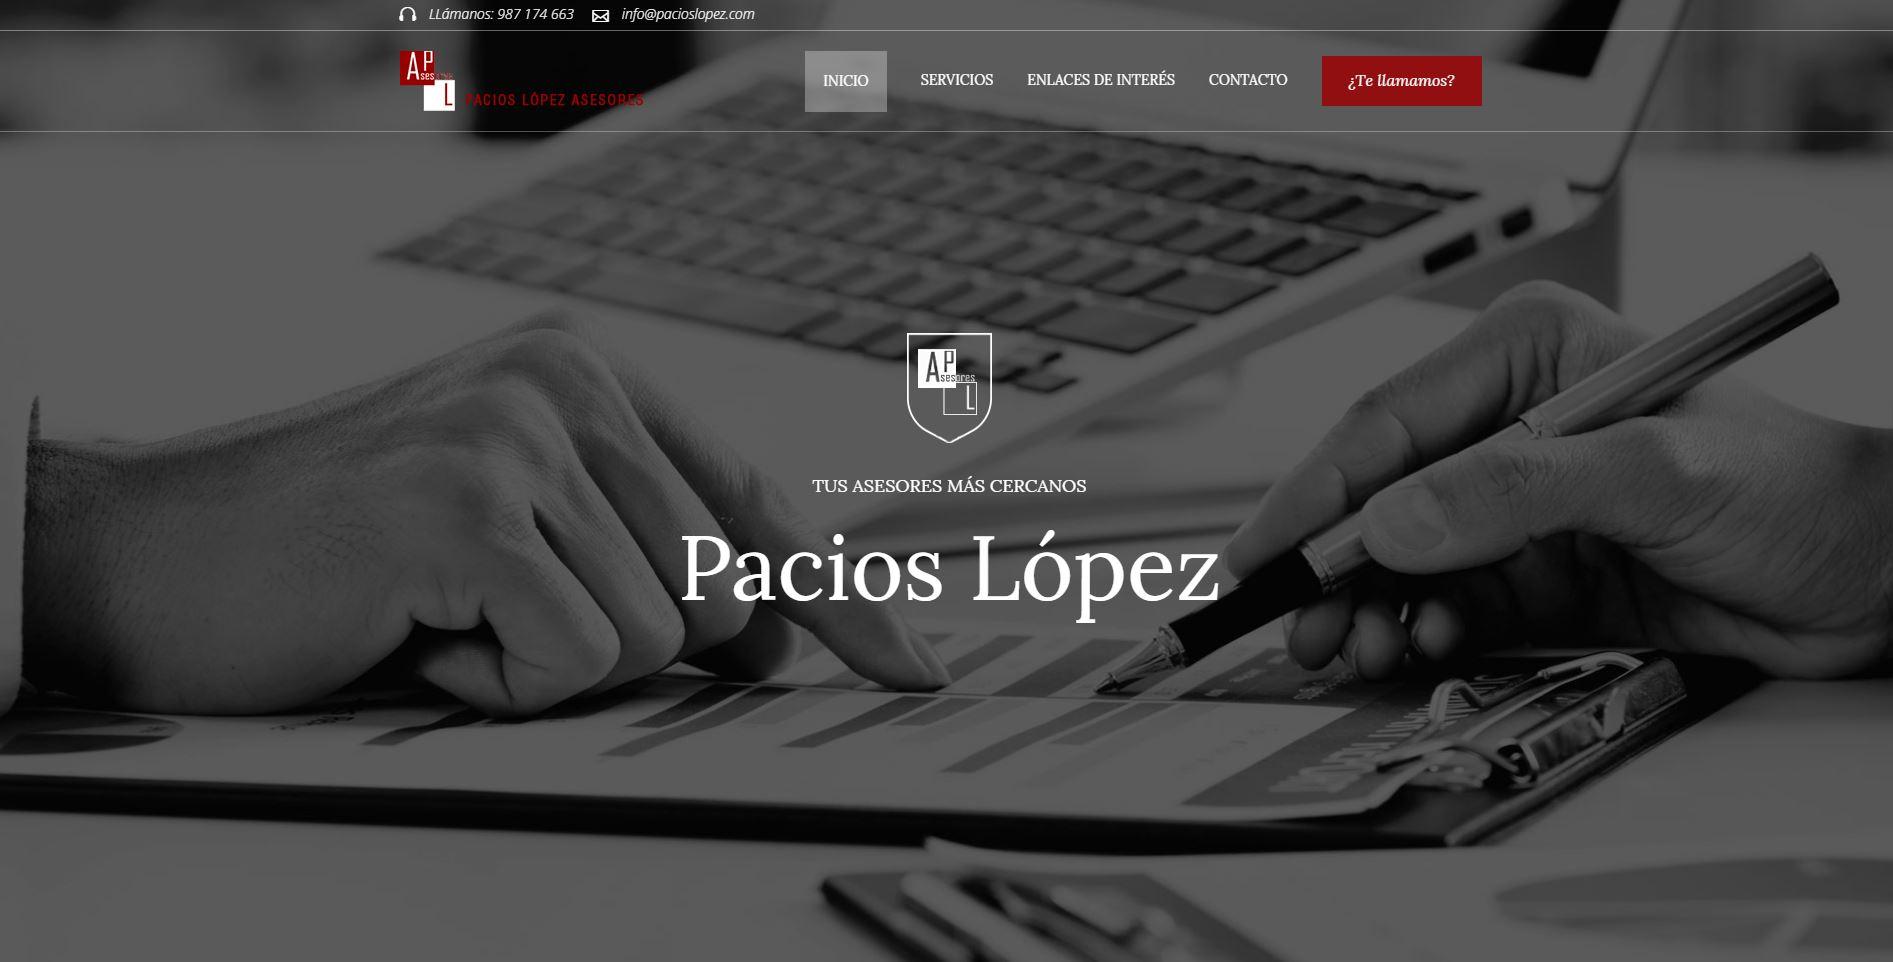 Asesoría Pacios López